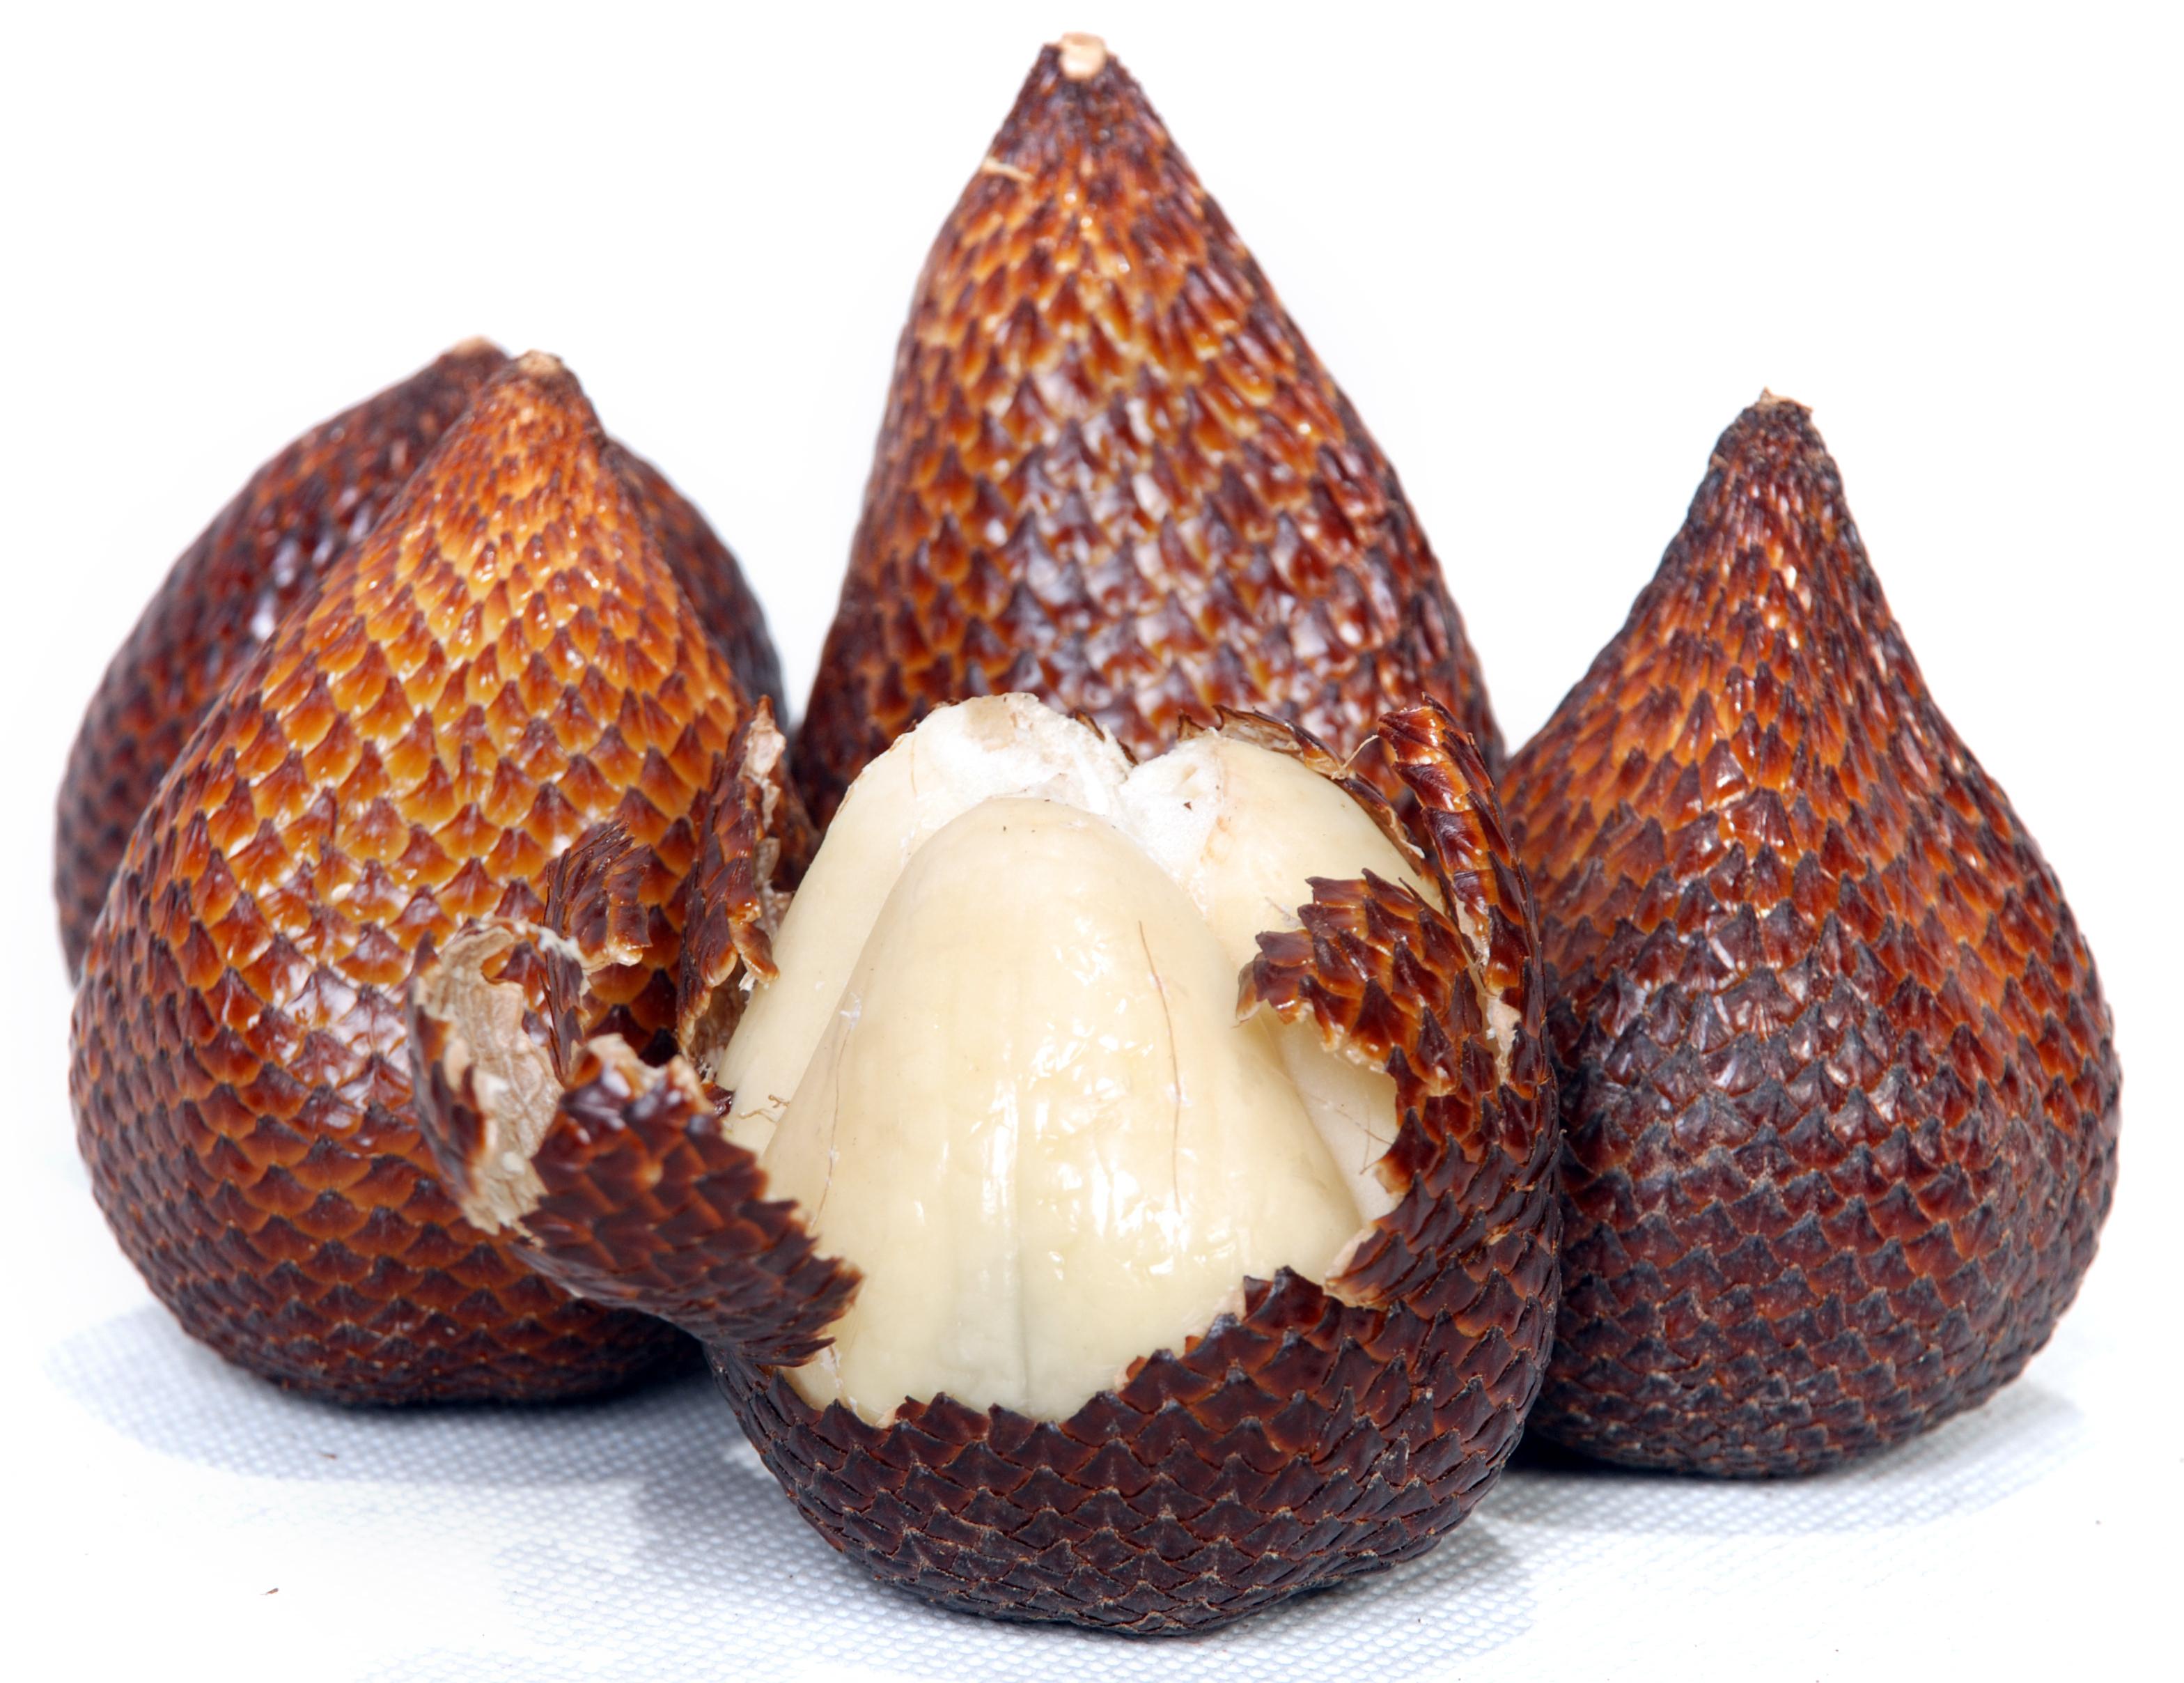 Salak Salak  Strange fruits that surprise you Strange fruits that surprise you Salak